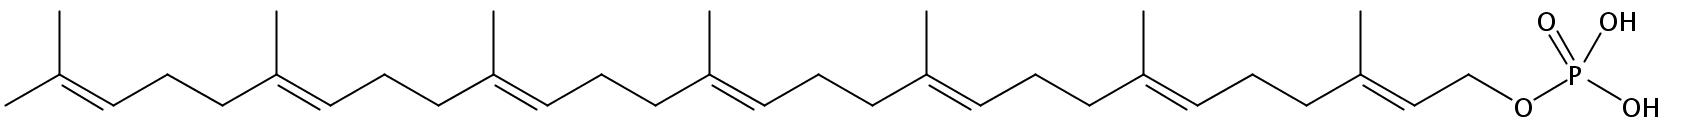 Structural formula of Heptaprenyl-MPDA